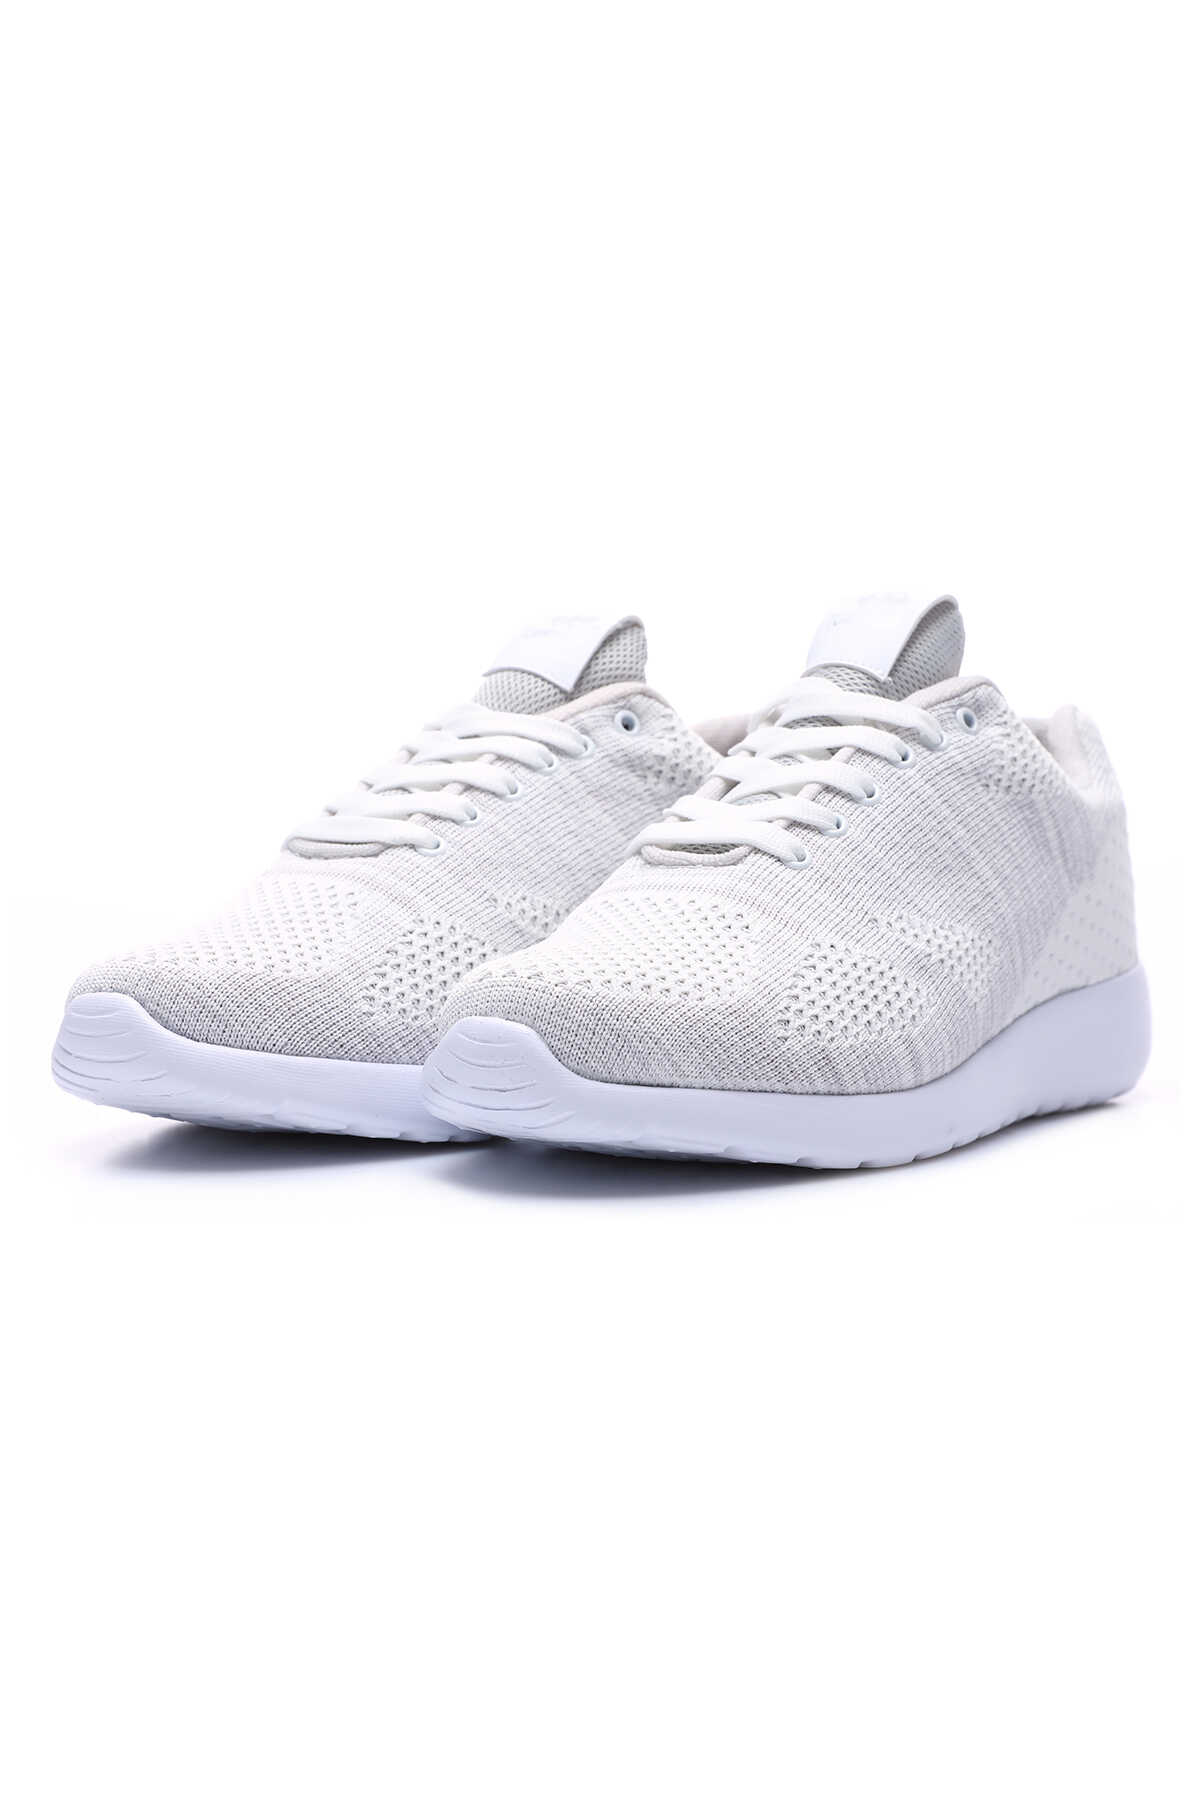 Tommy Life Toptan Beyaz Erkek File Detaylı Bağcıklı Spor Ayakkabı - 89047_1